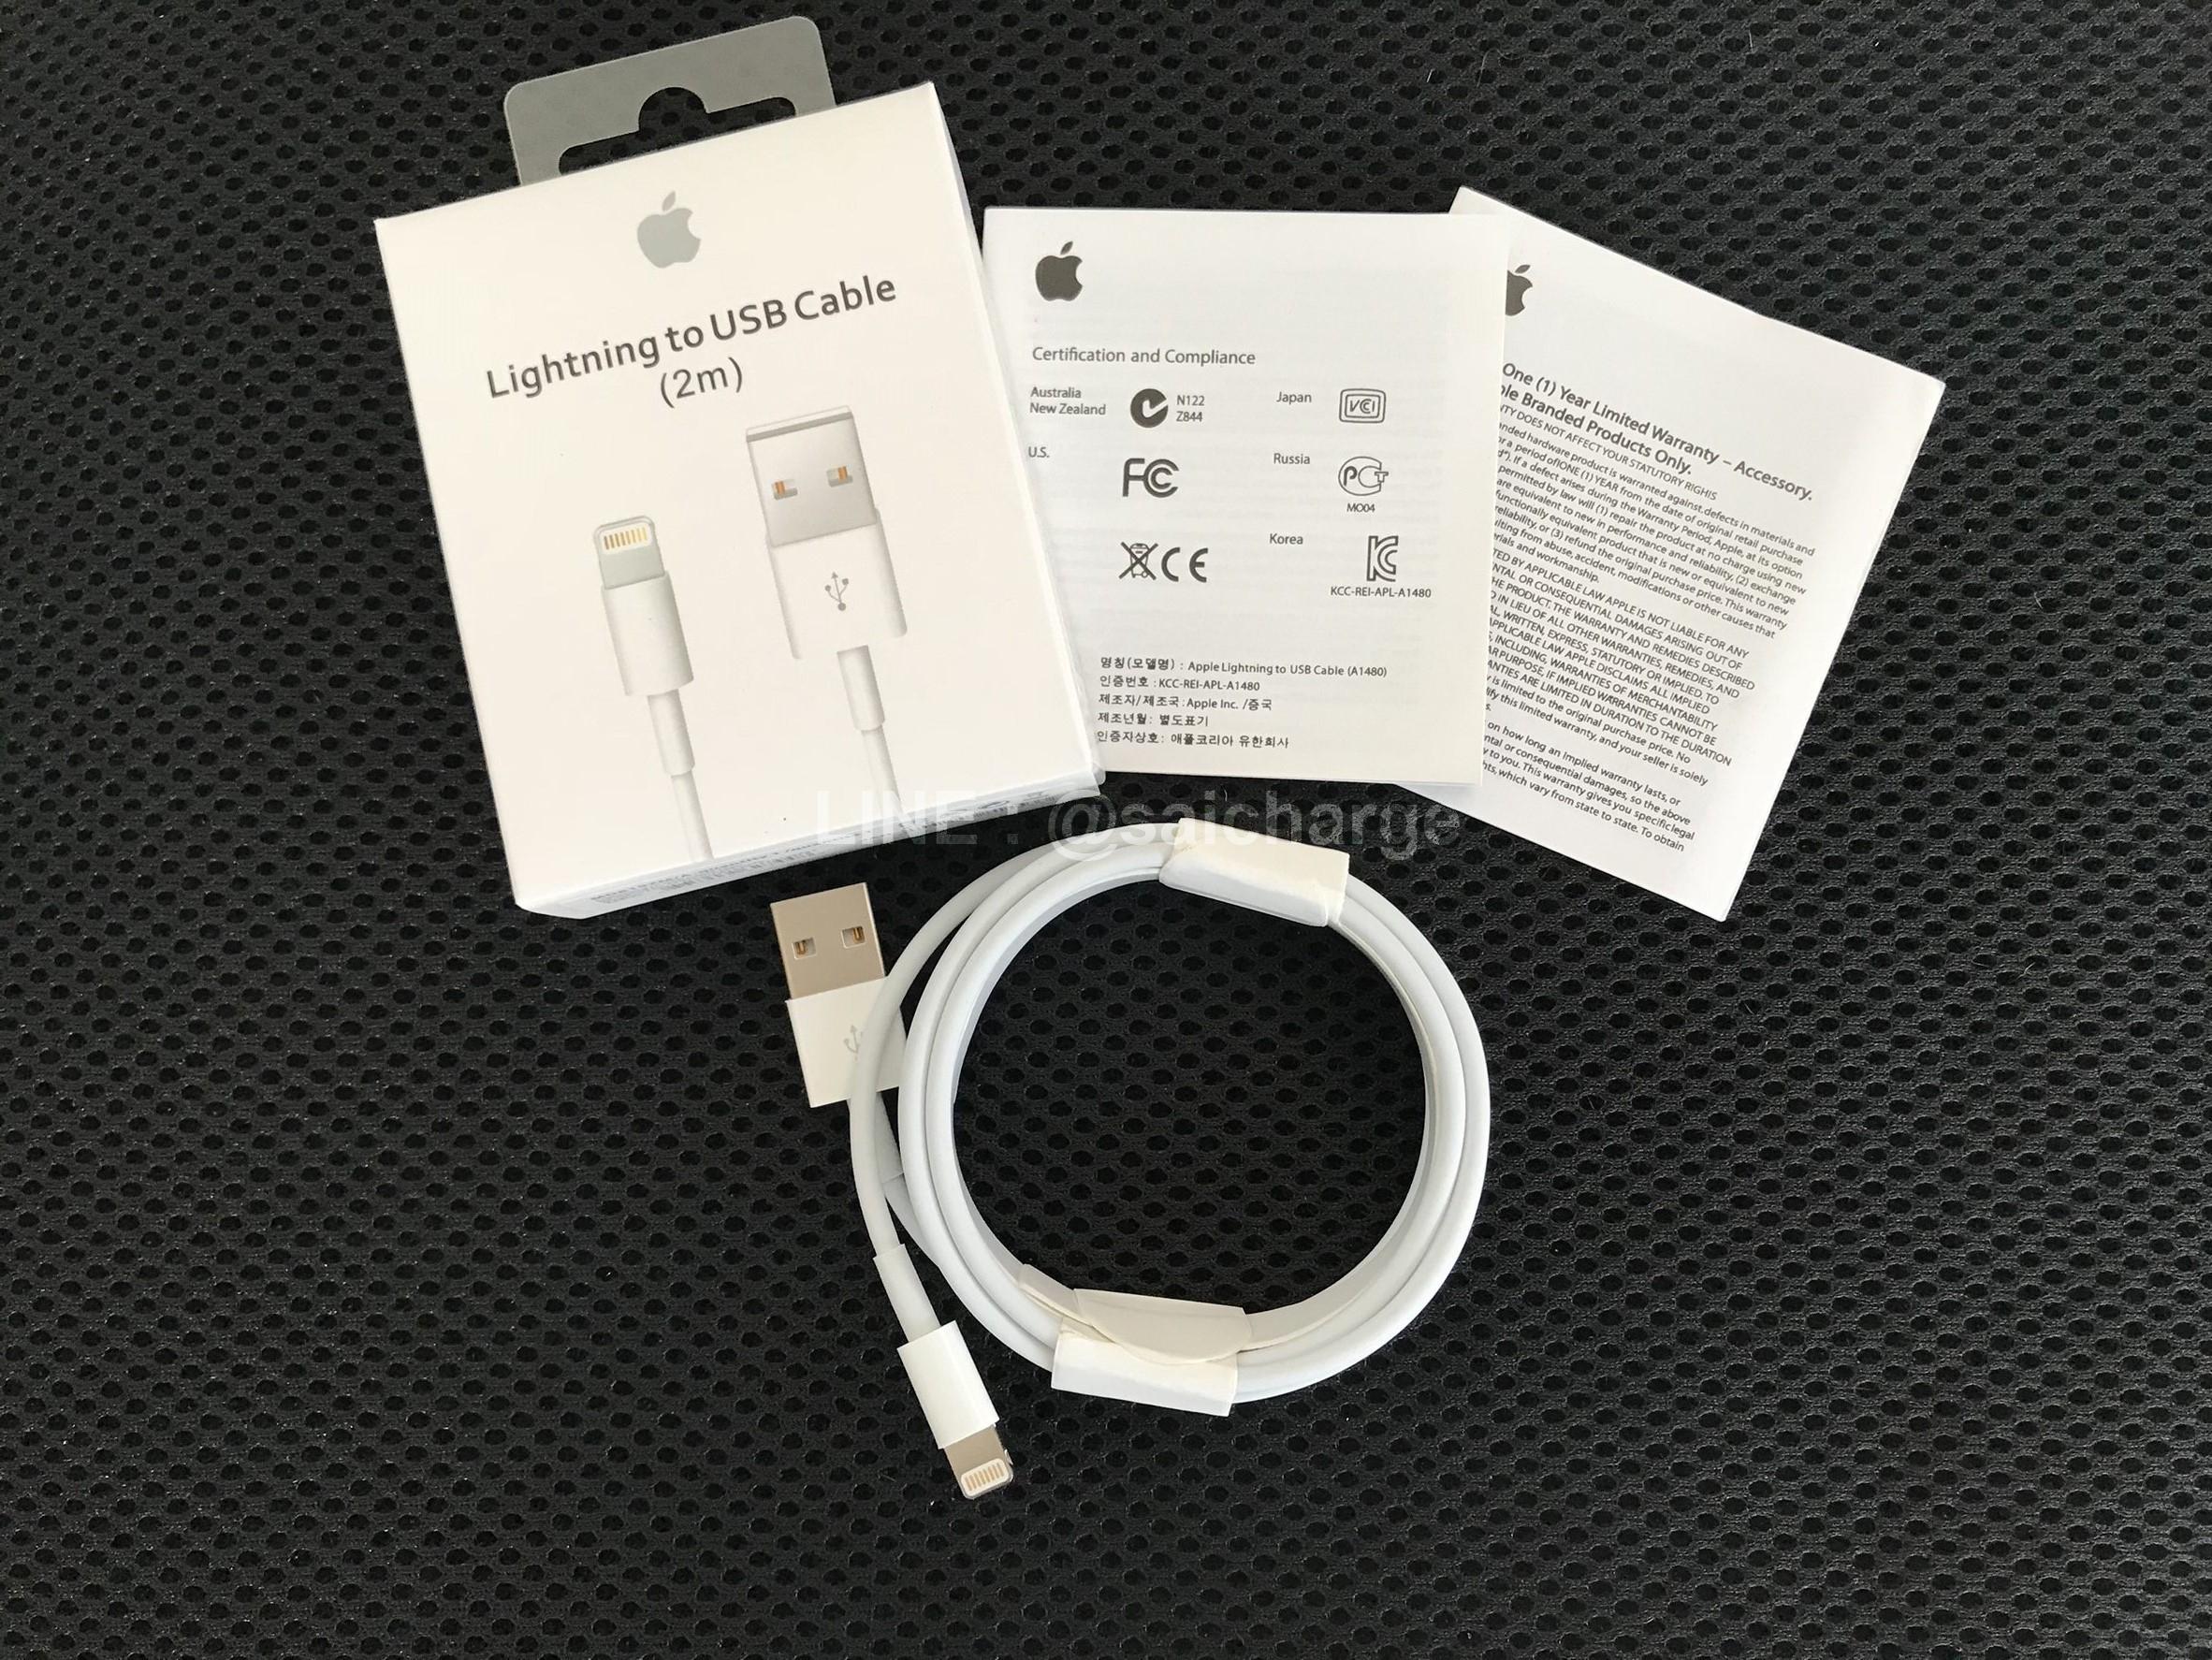 สายชาร์จ iPhone แท้ยาว 2M (Original Package)